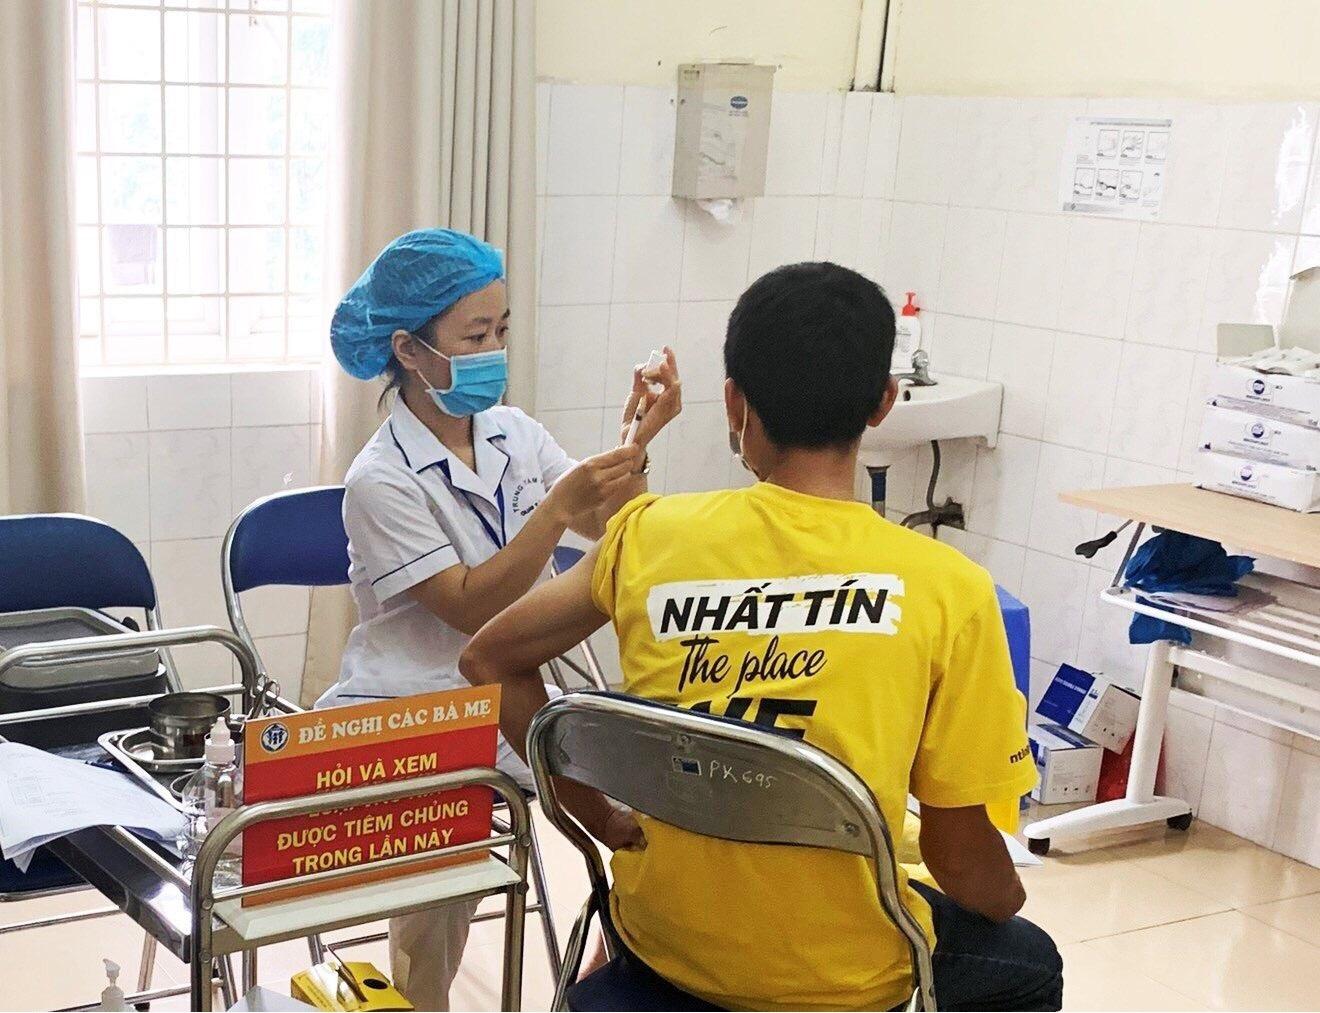 Bước đầu có hơn 500 nhân viên làm việc trong kho, giao nhận và tài xế đã được tiêm vắc-xin chống Covid-19 để đảm bảo sức khỏe tốt nhất phục vụ khách hàng.